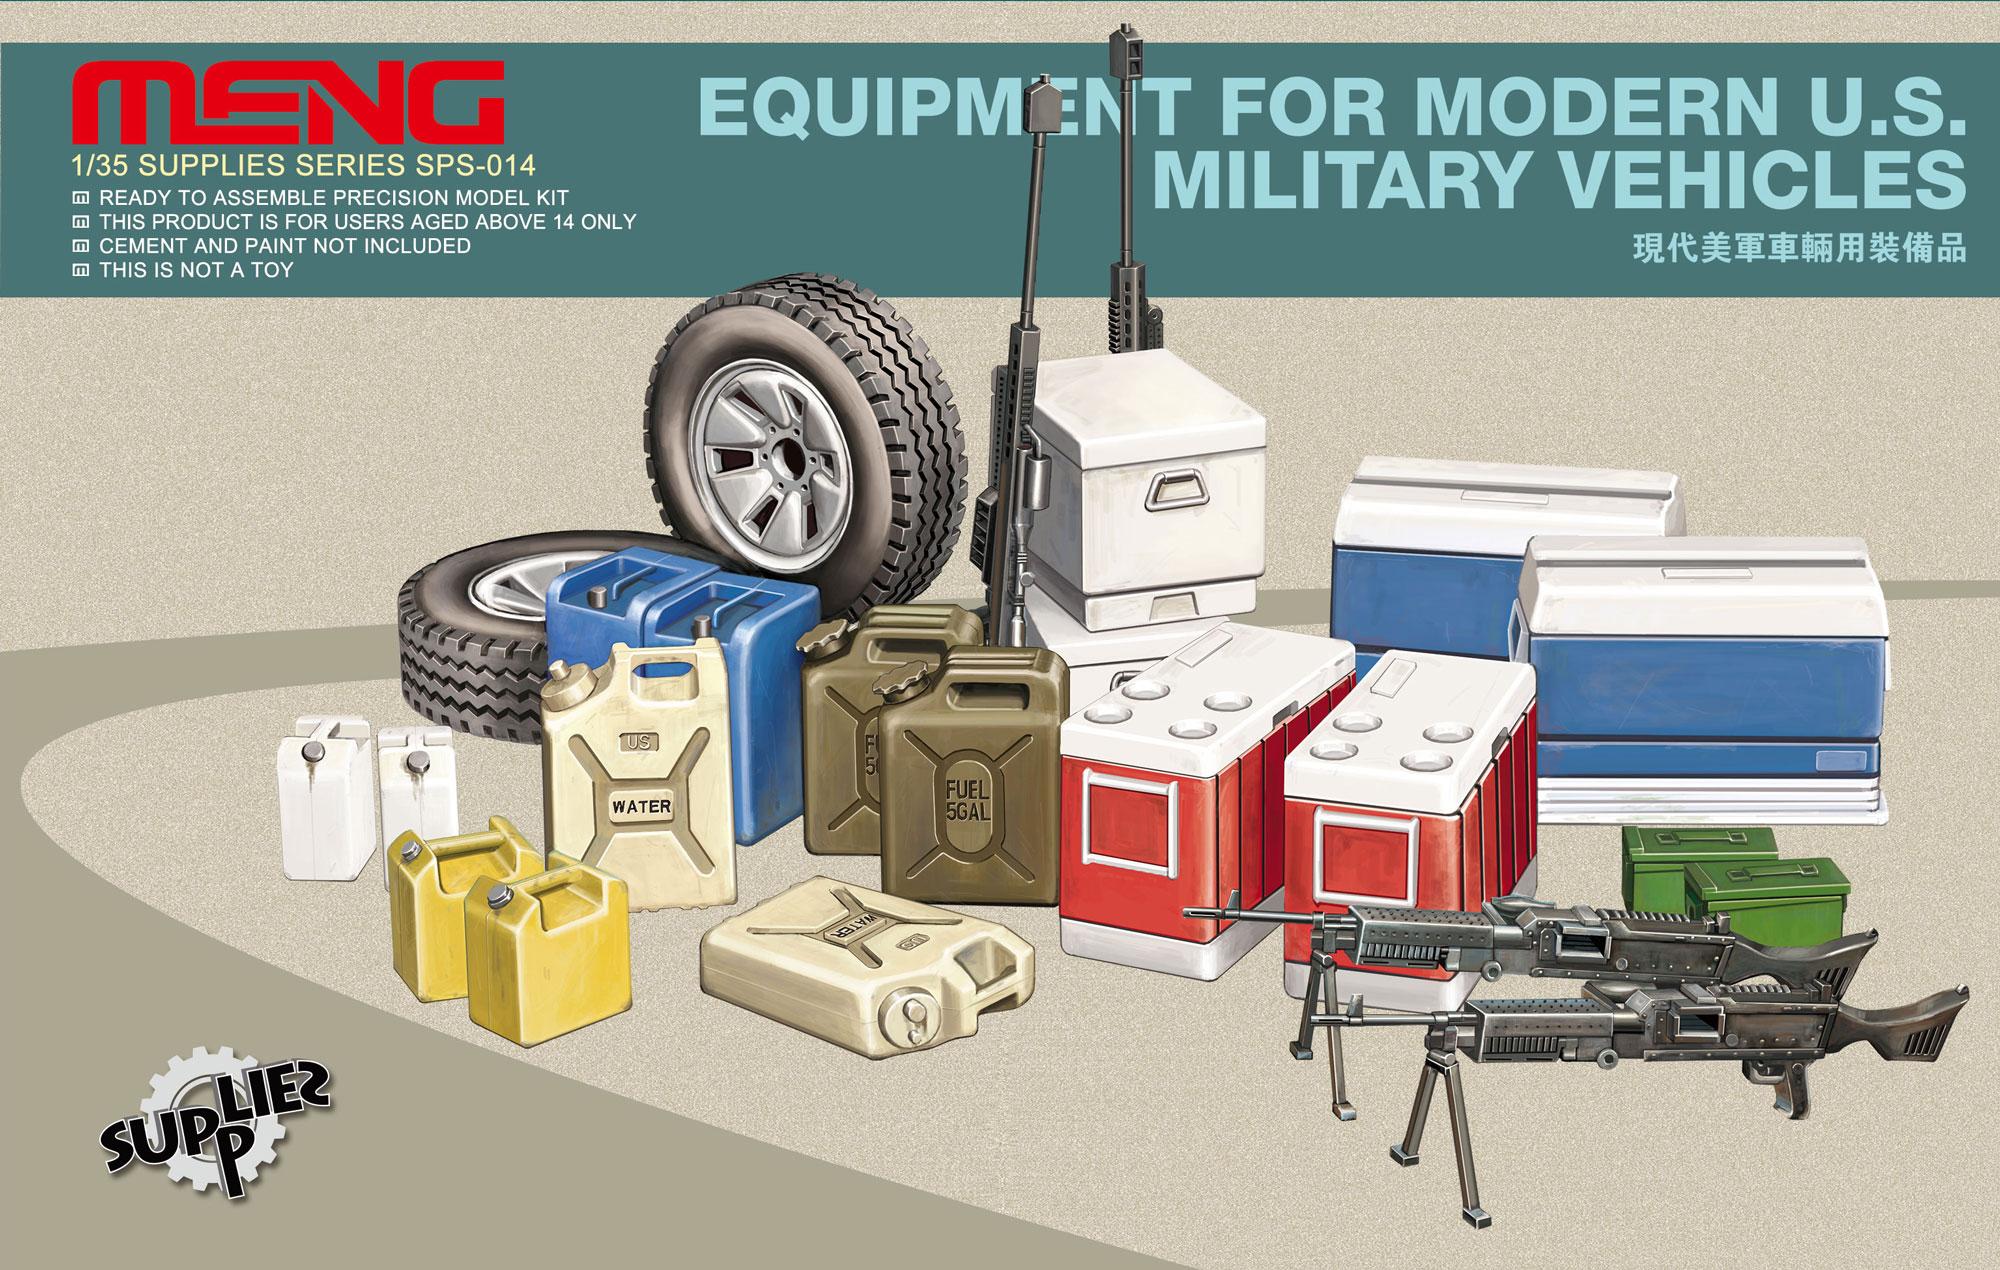 Meng Equipment For Modern Us Military